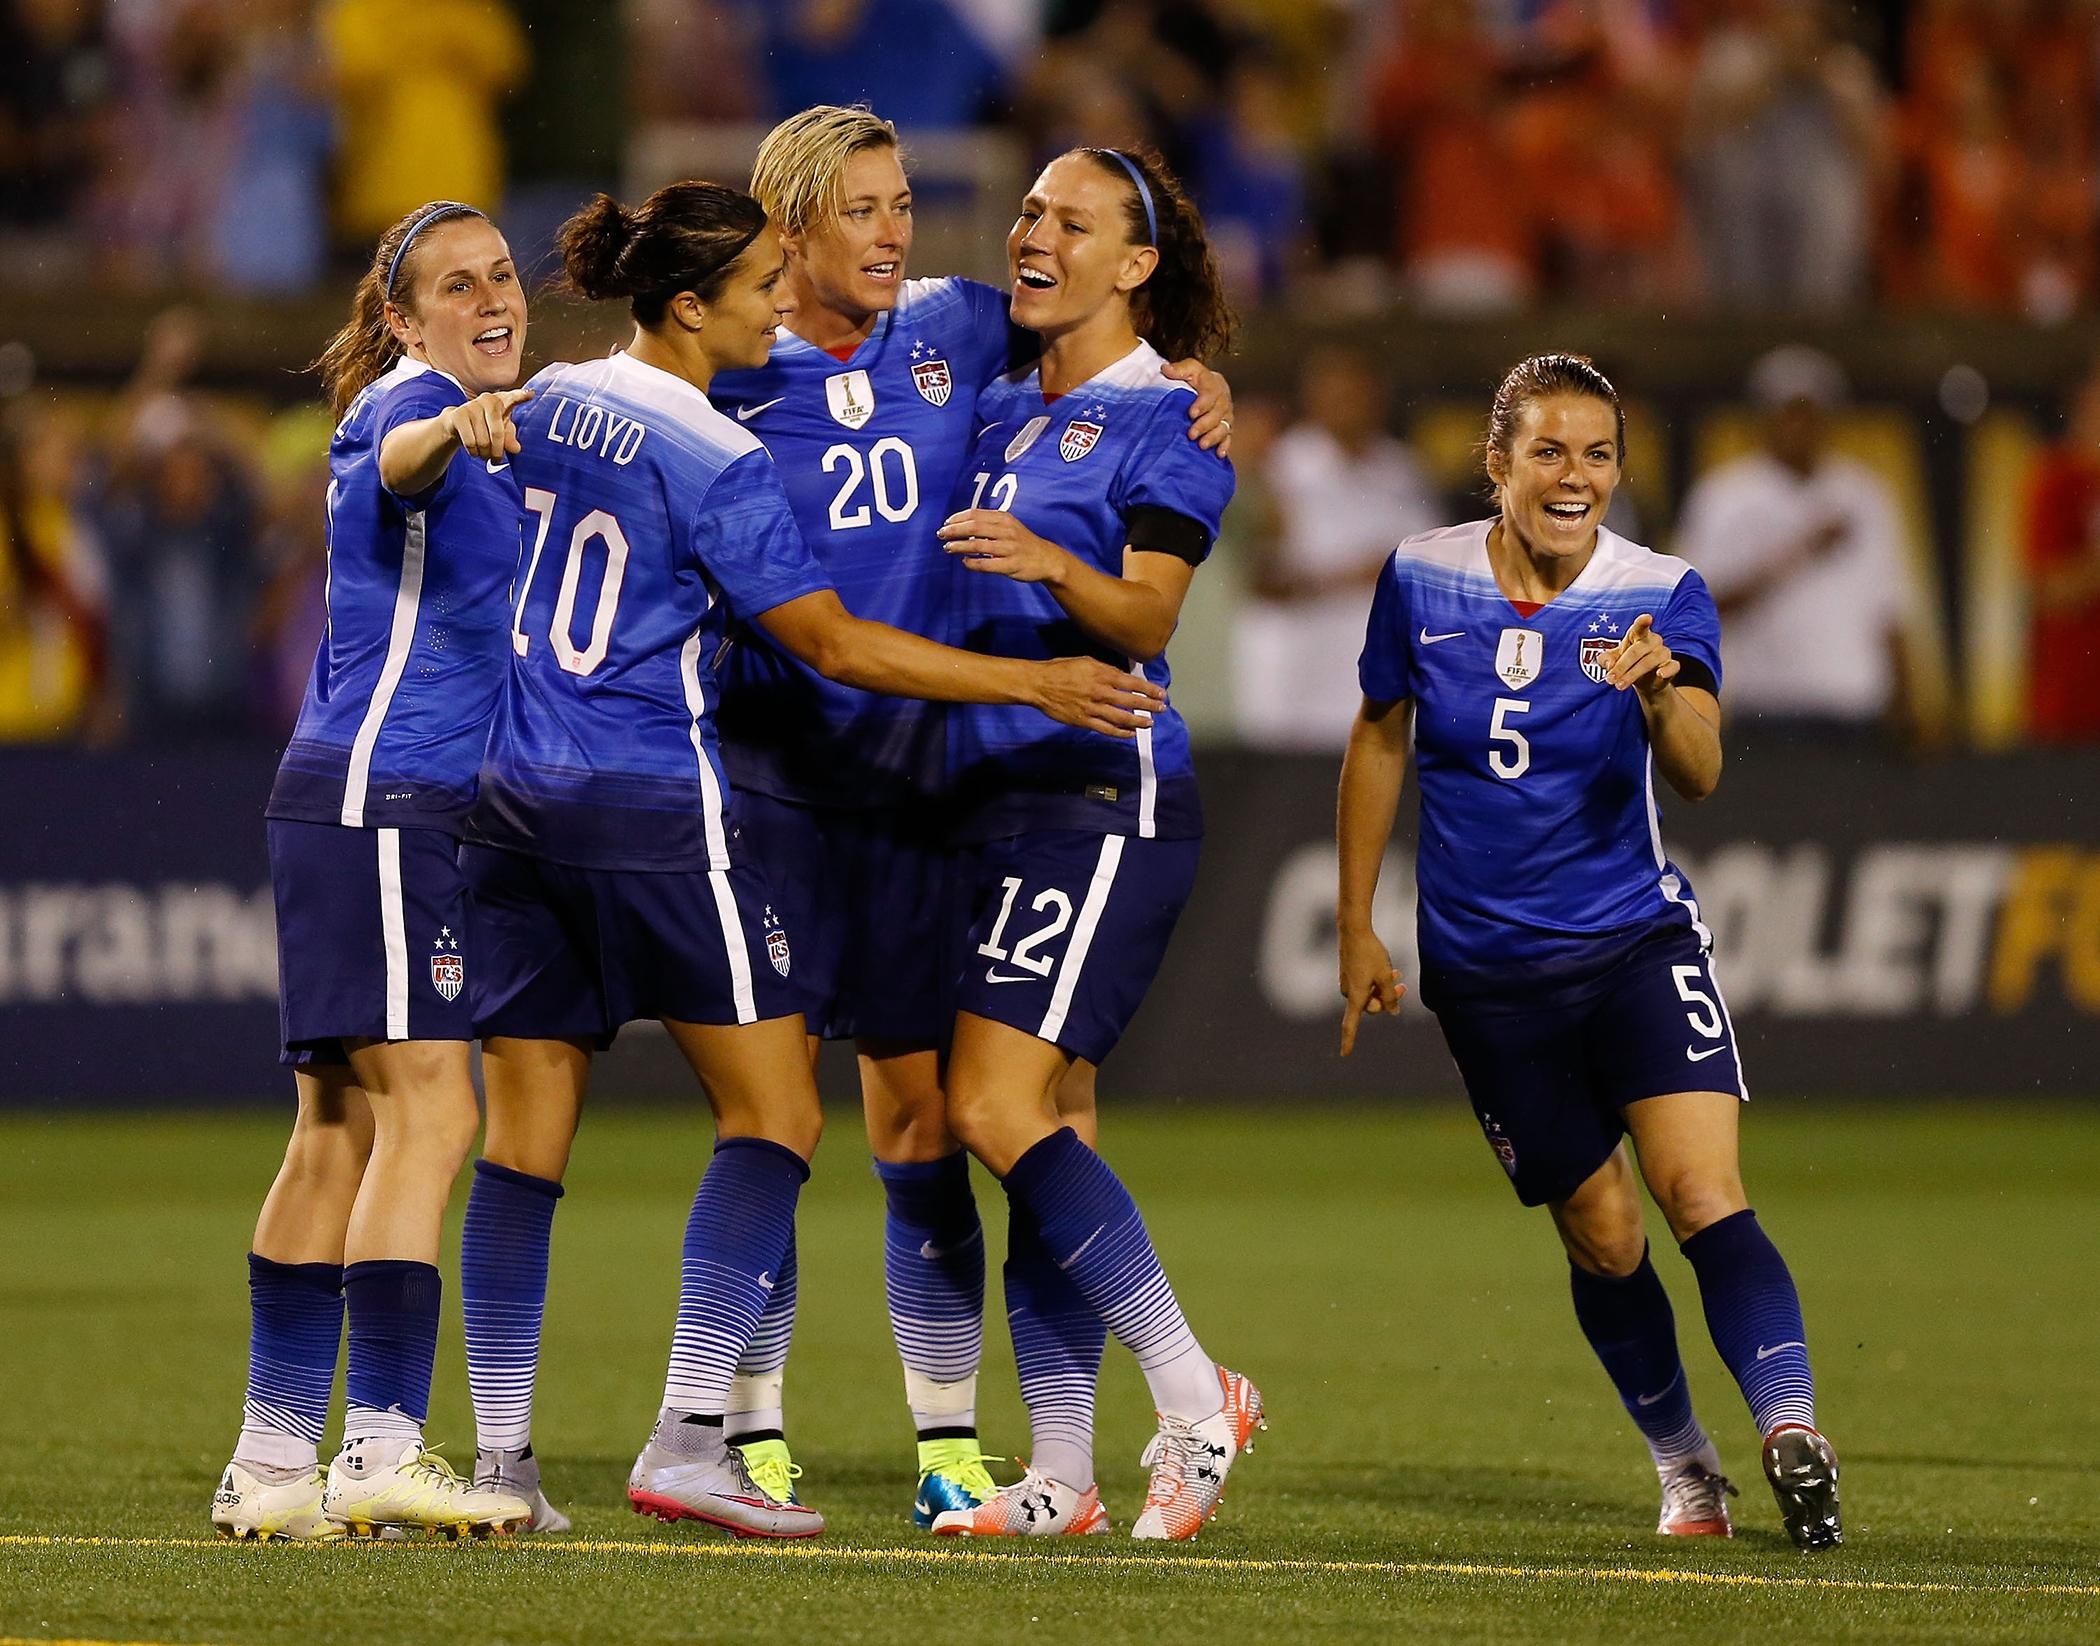 U.S. Women's Soccer: How Big Is Wage Gap Between Sexes? | Money